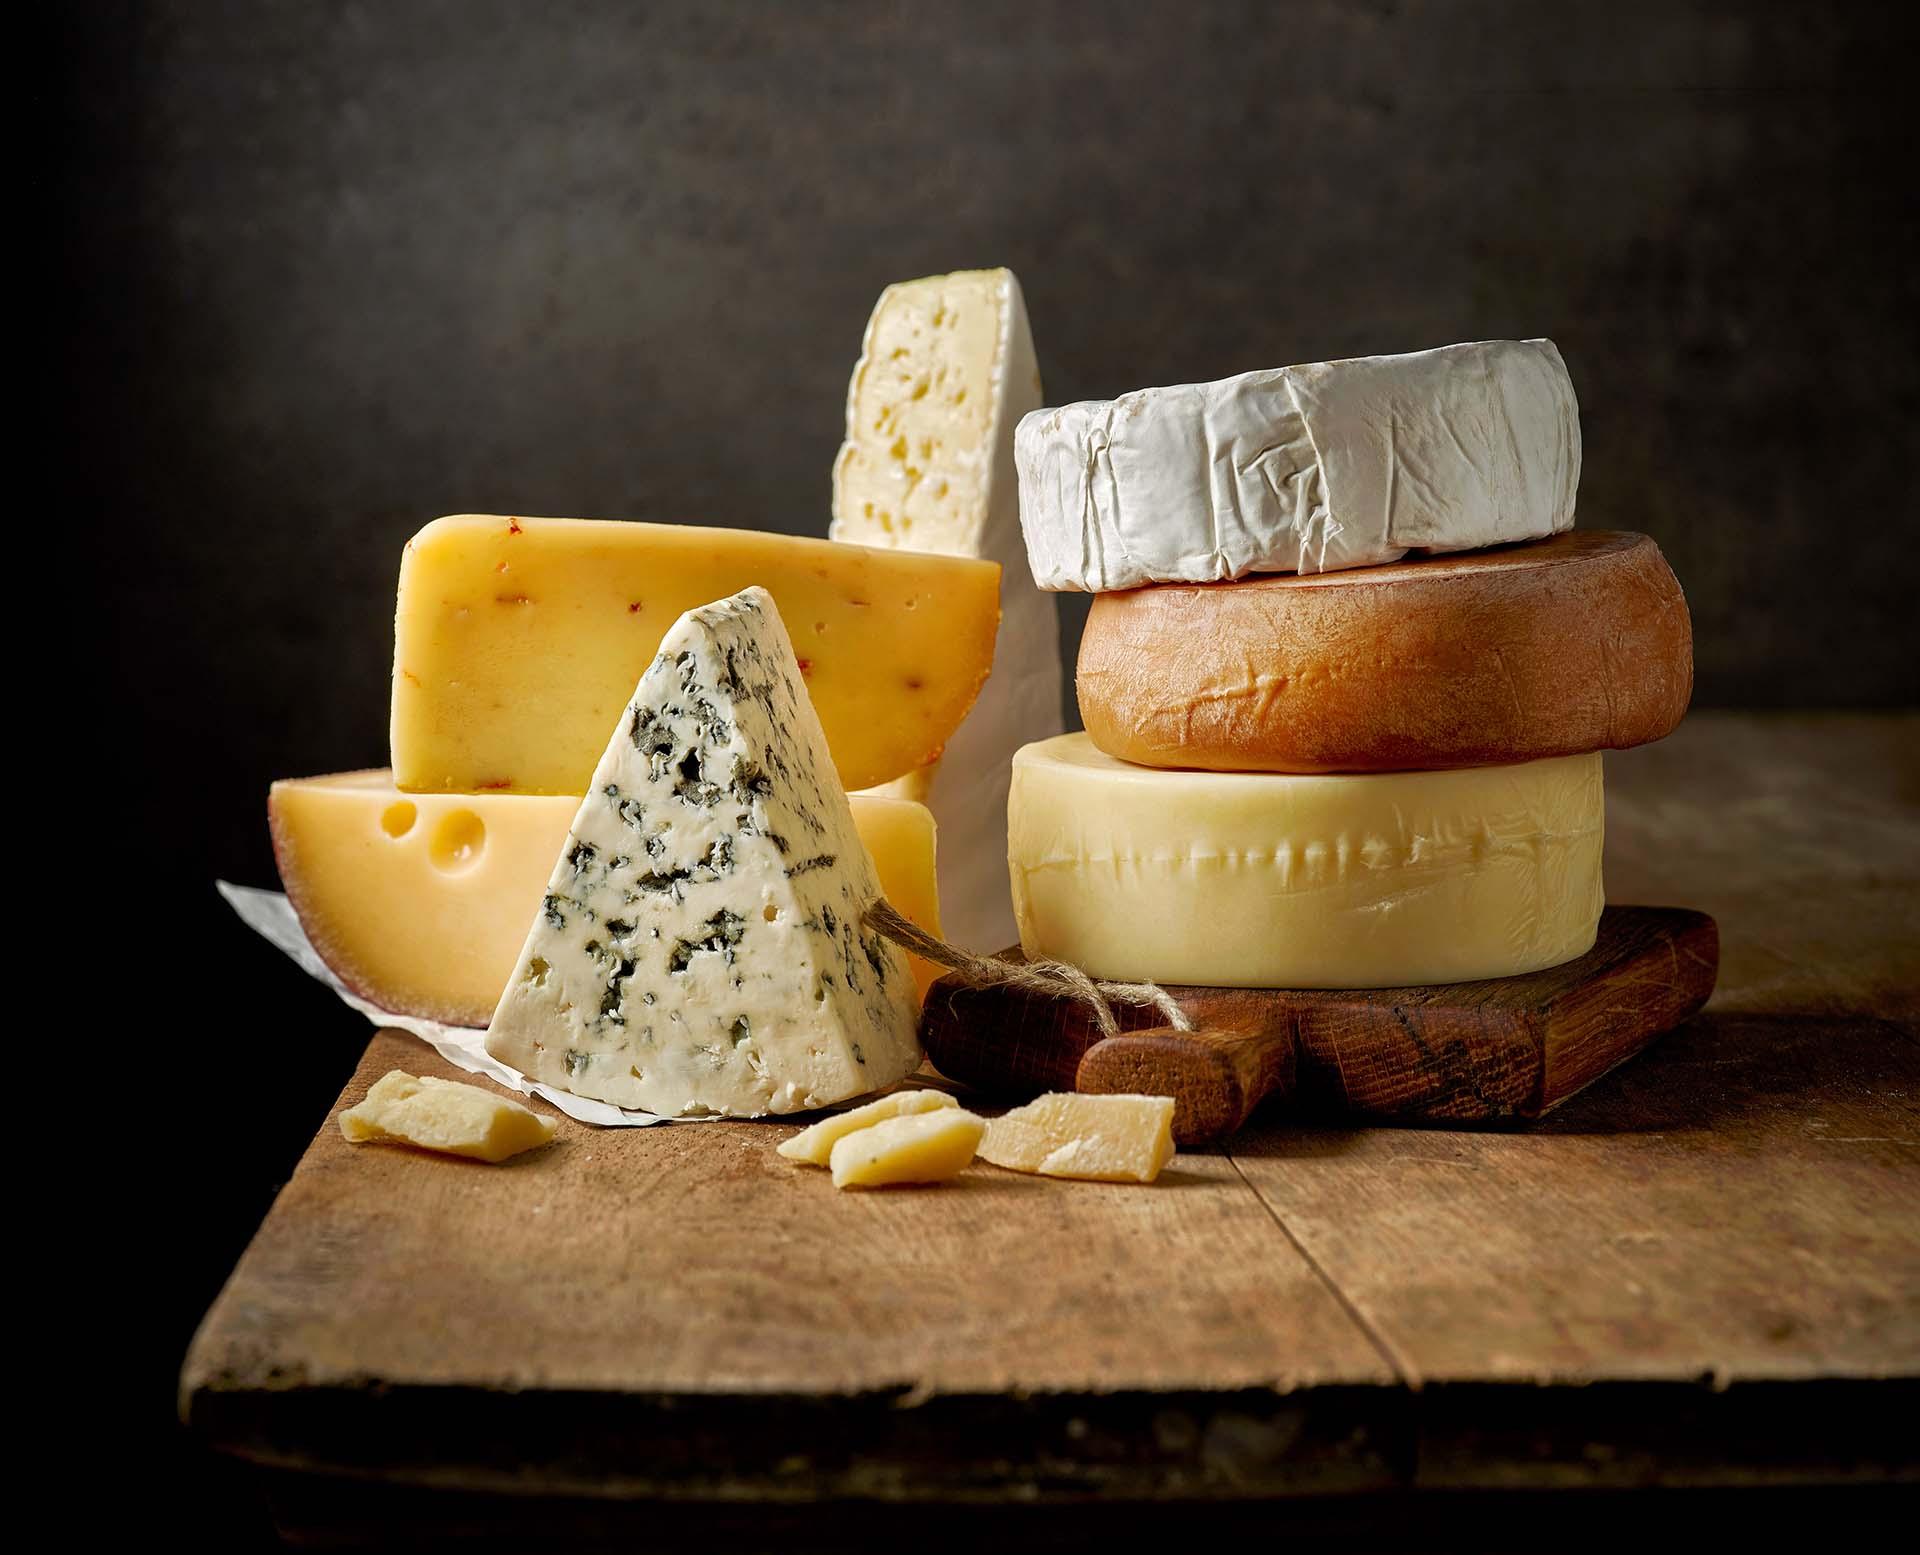 Texto: Os queijos são perfeitos para acompanhar um bom vinho. Foto: MaraZe/Shutterstock.